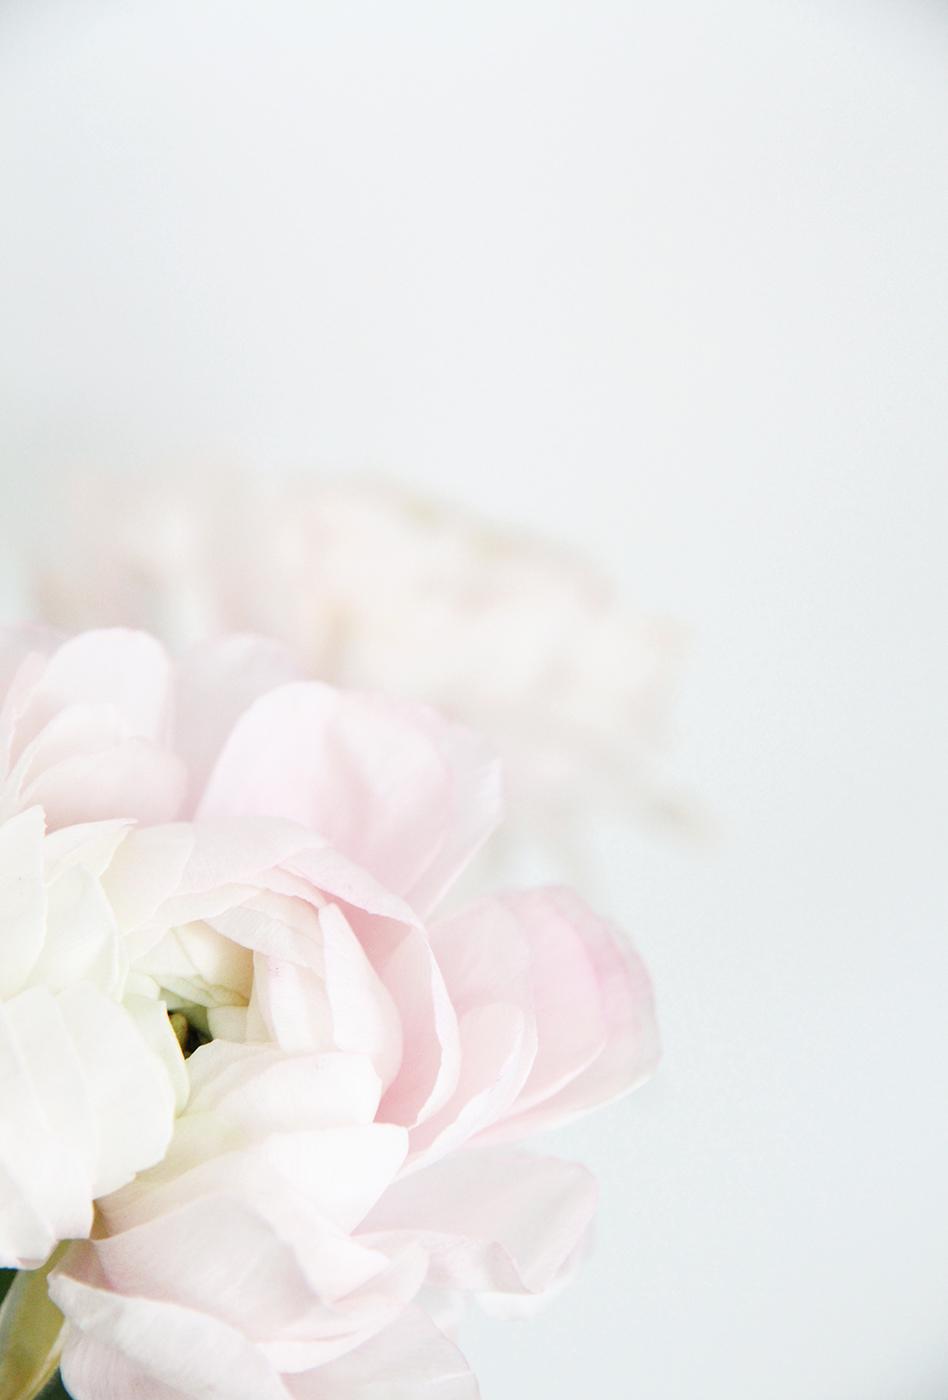 hunajaista sisustusblogi phography riikka timonen interor flowers leikkokukat pioni.jpg